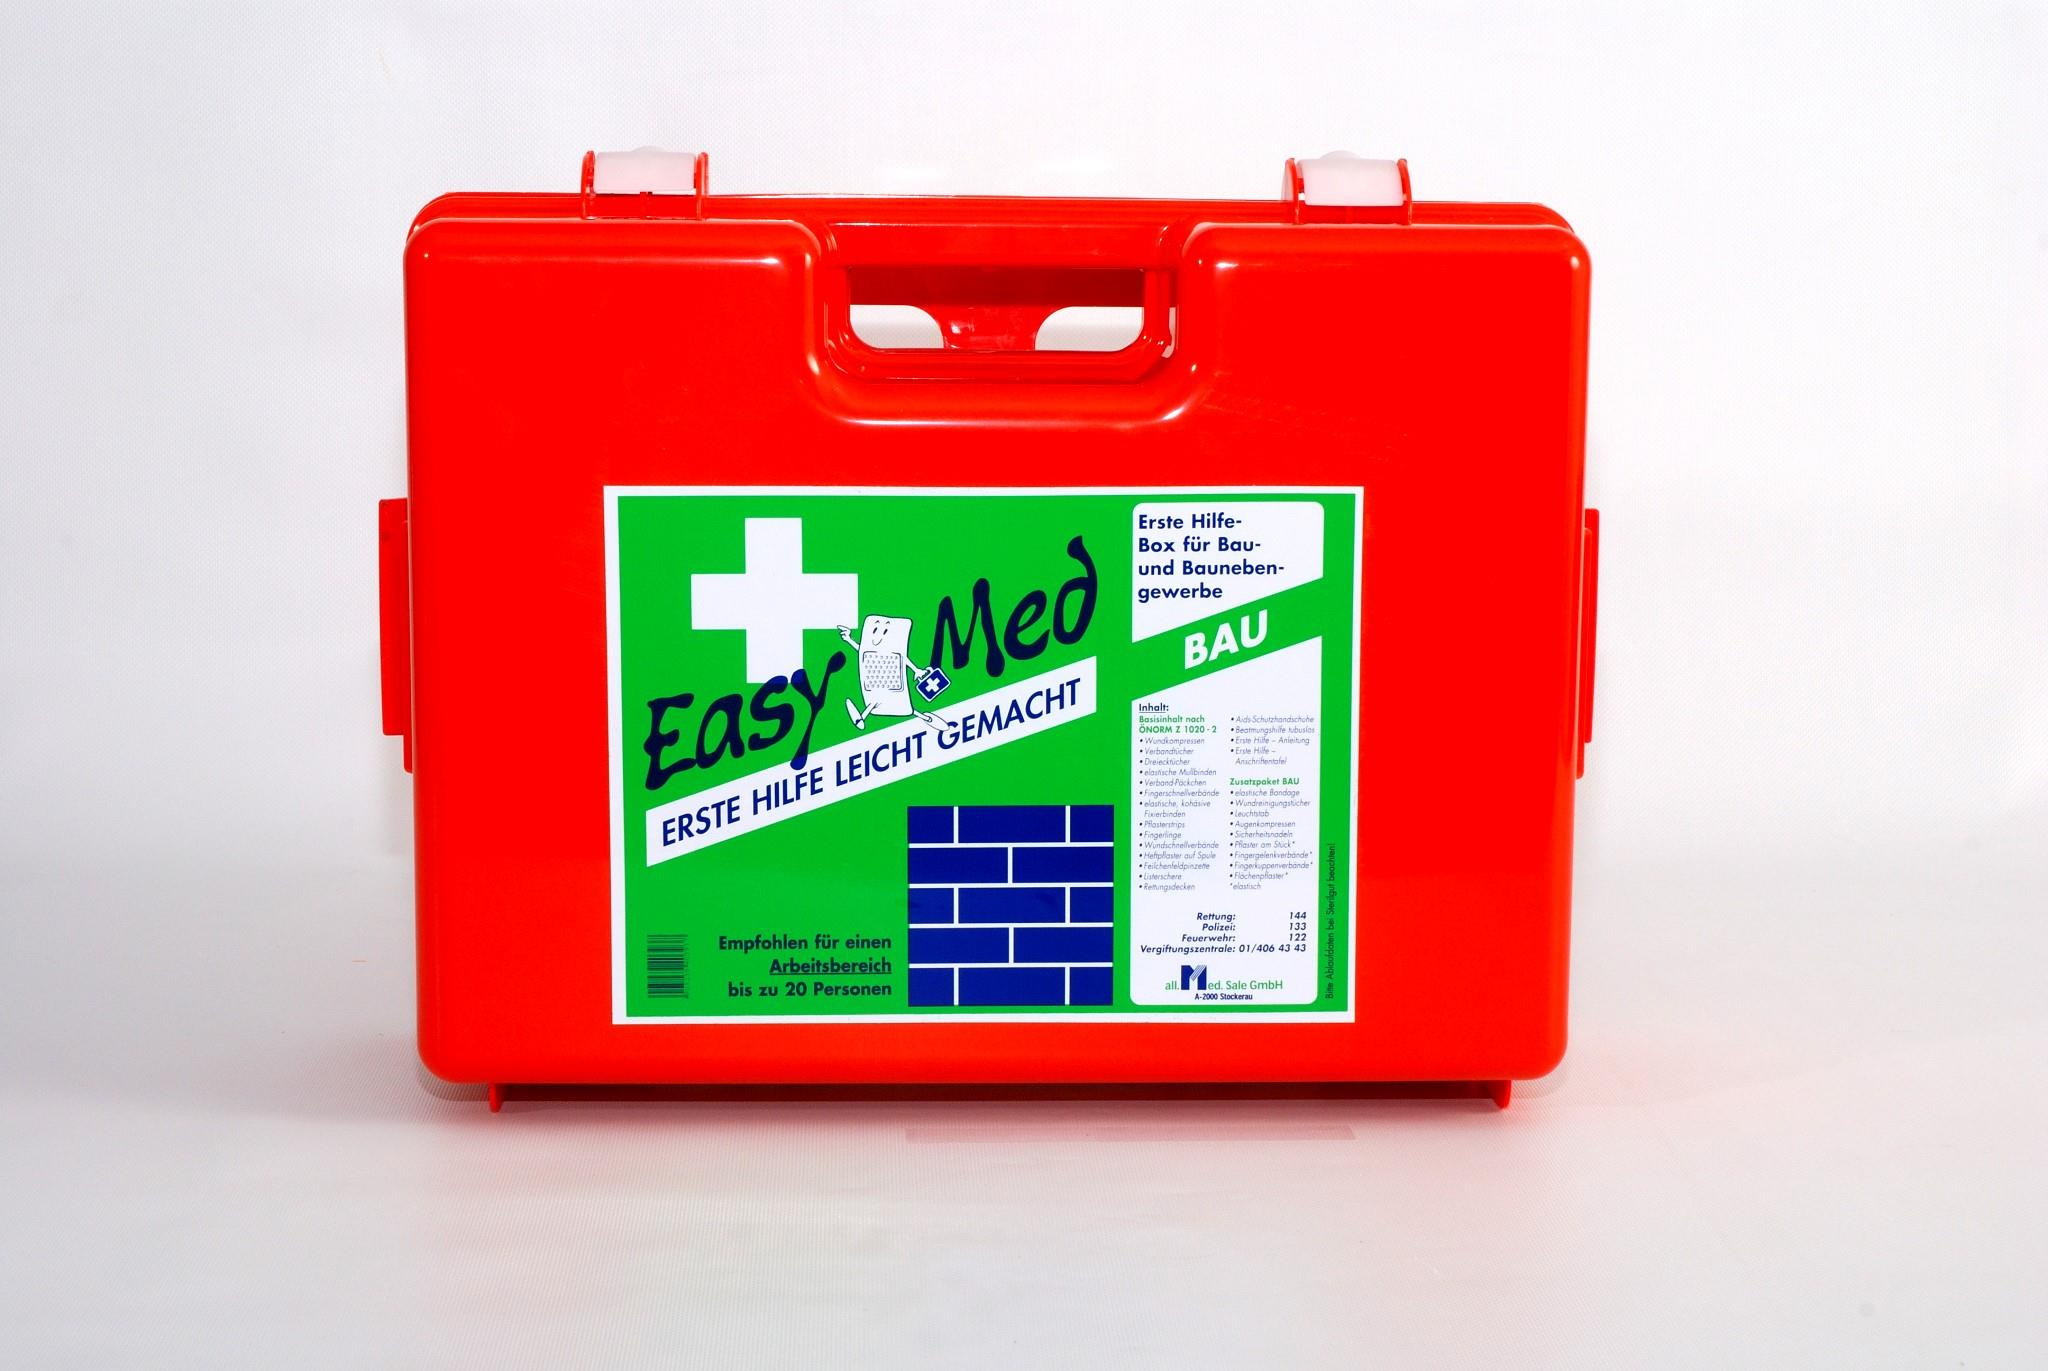 EasyMed Erste Hilfe Kasten Bau Type 2